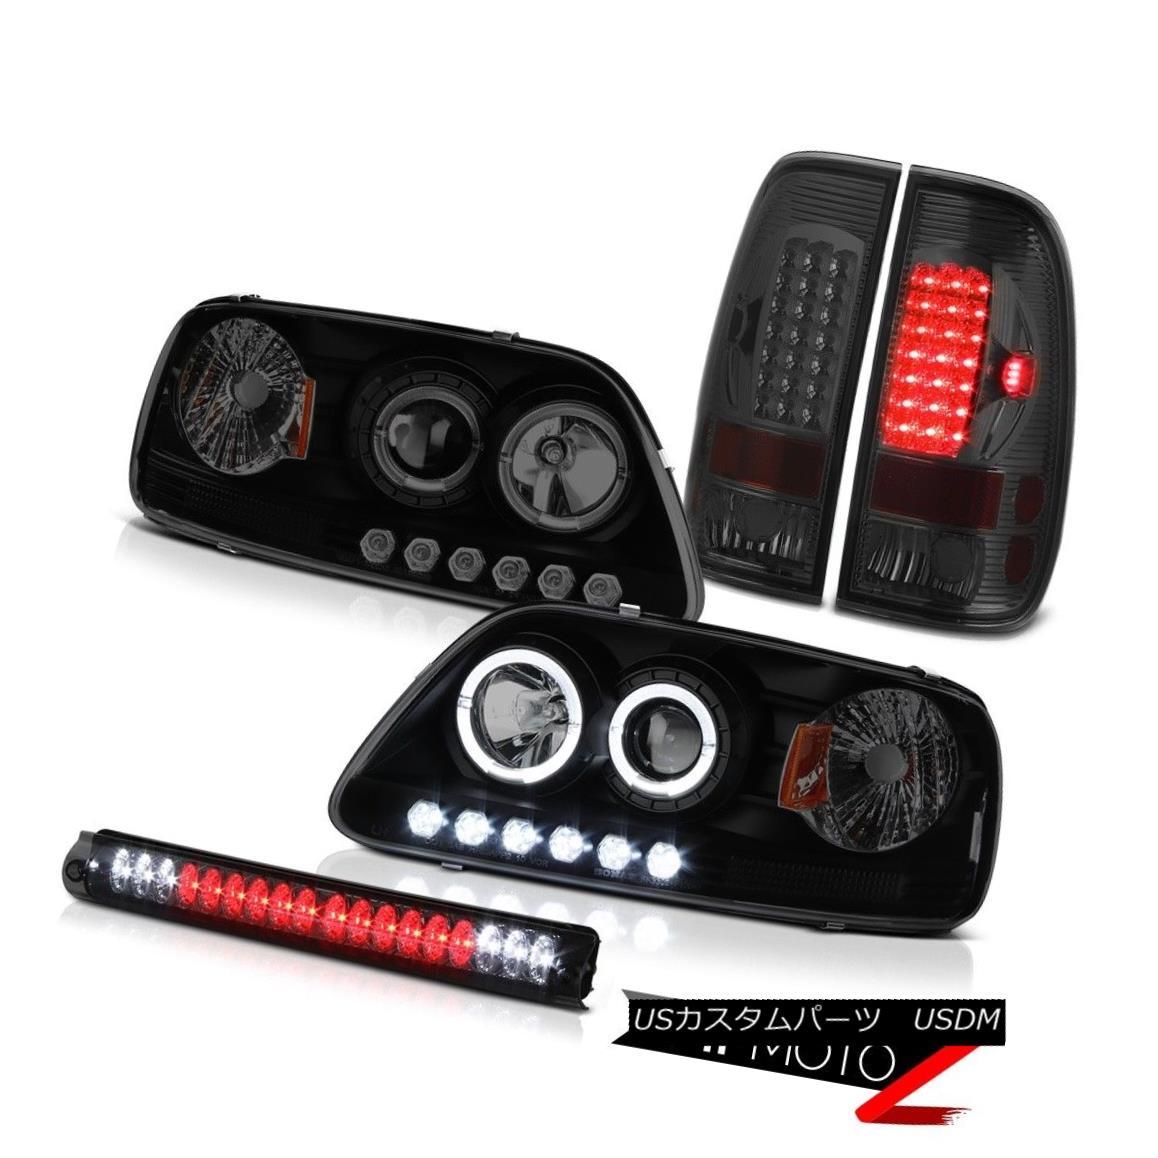 ヘッドライト Black Smoked Headlight 1999 2000 2001 F150 LED Brake Tail Lights Roof Stop Lamps ブラックスモークヘッドライト1999 2000 2001 F150 LEDブレーキテールライトルーフストップランプ